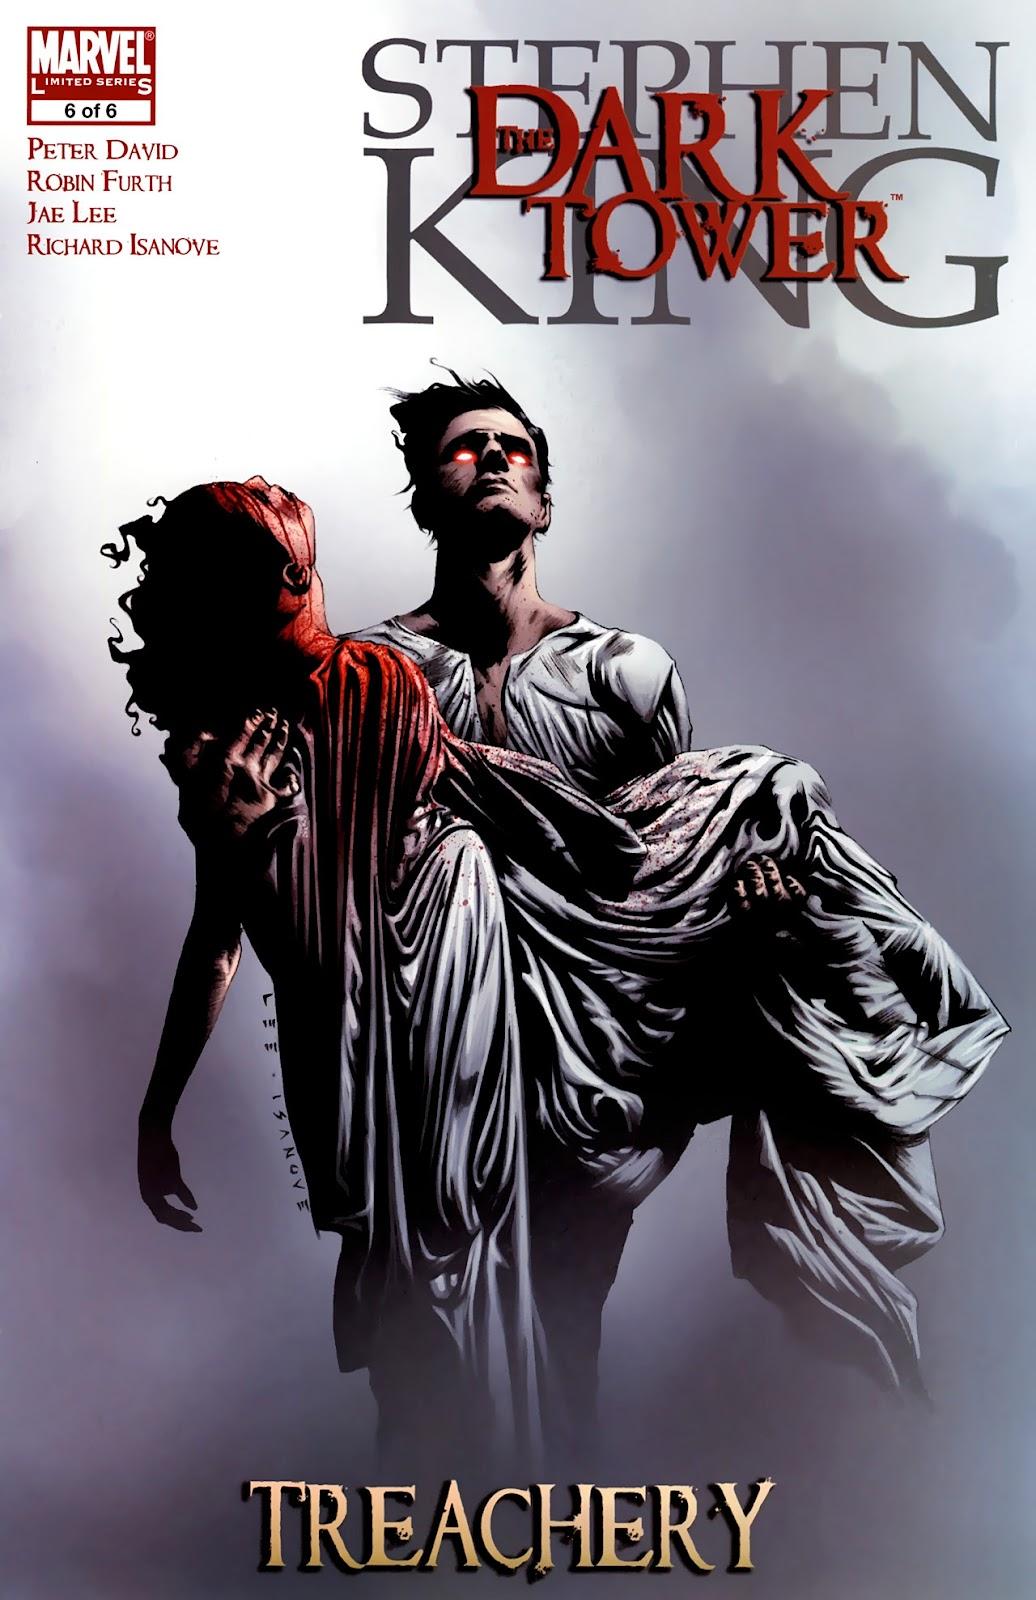 Dark Tower: Treachery issue 6 - Page 1